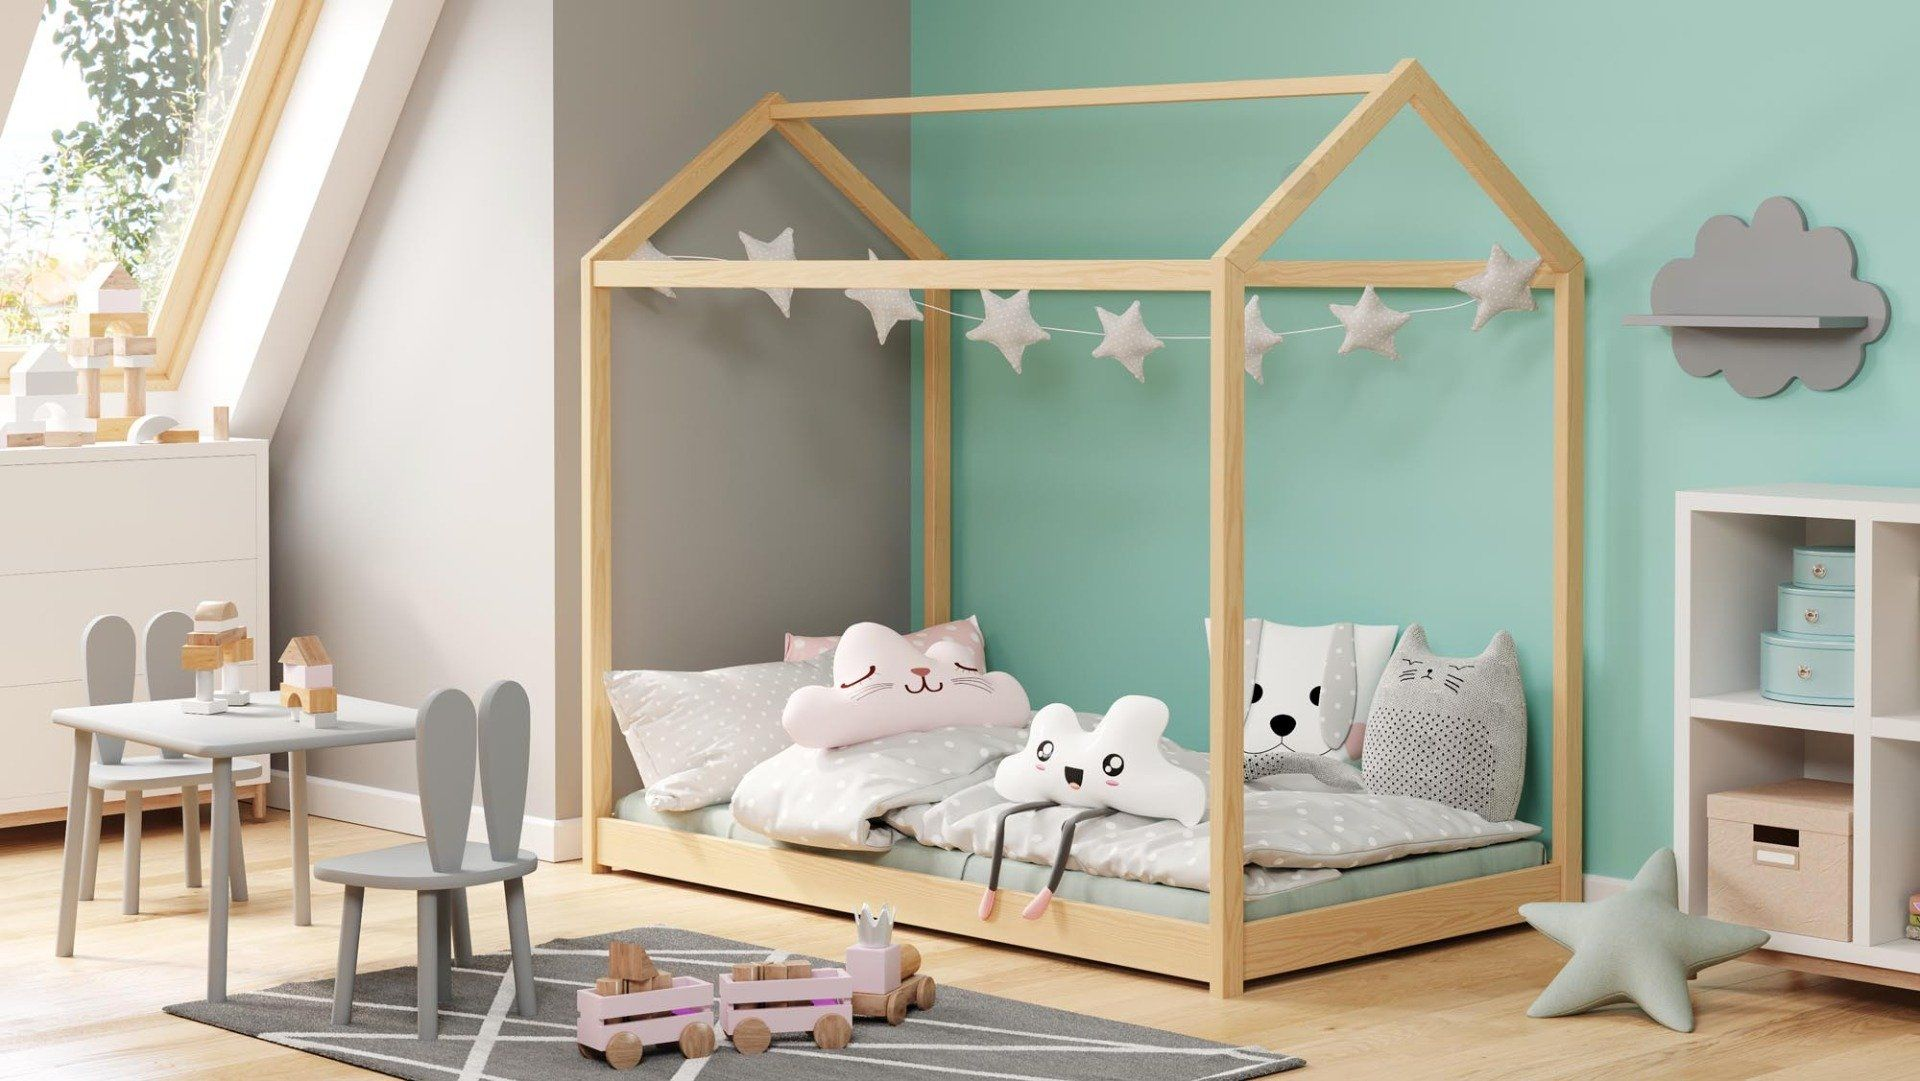 Łóżko domek YOGI 80x160 białe drewniane dla dzieci  KUP TERAZ - OTRZYMAJ RABAT